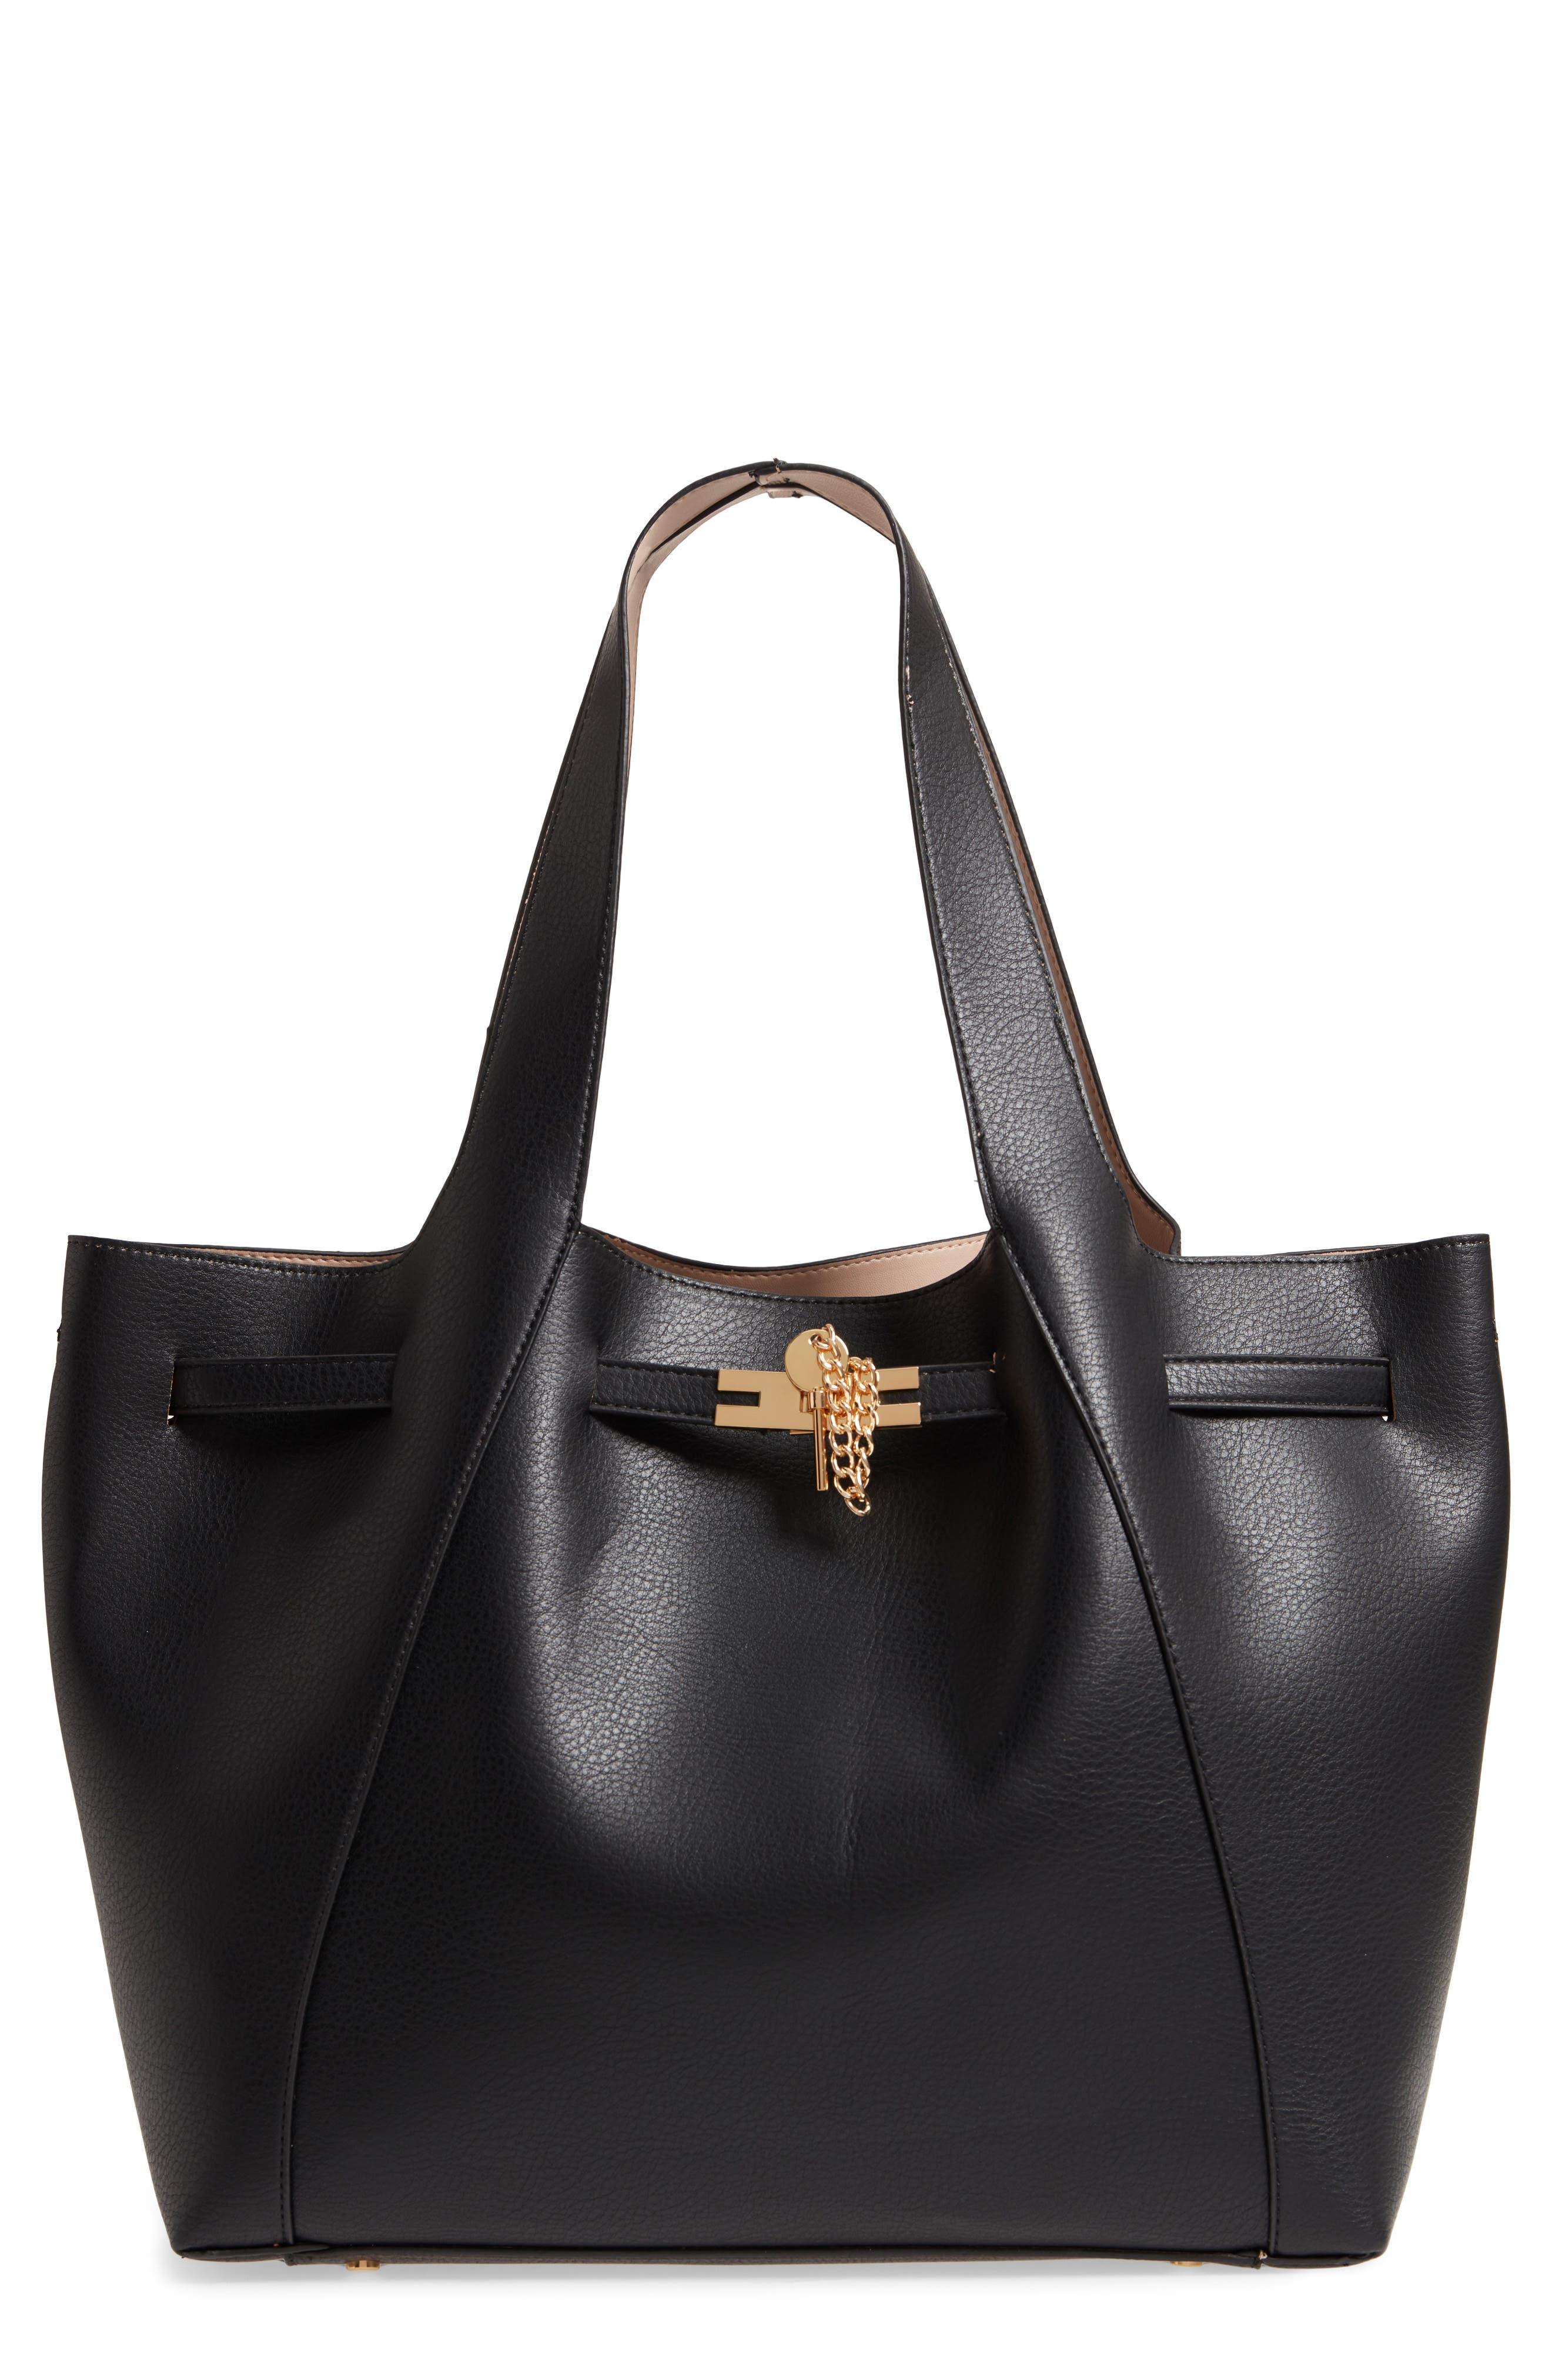 Topshop Keely Tote Bag